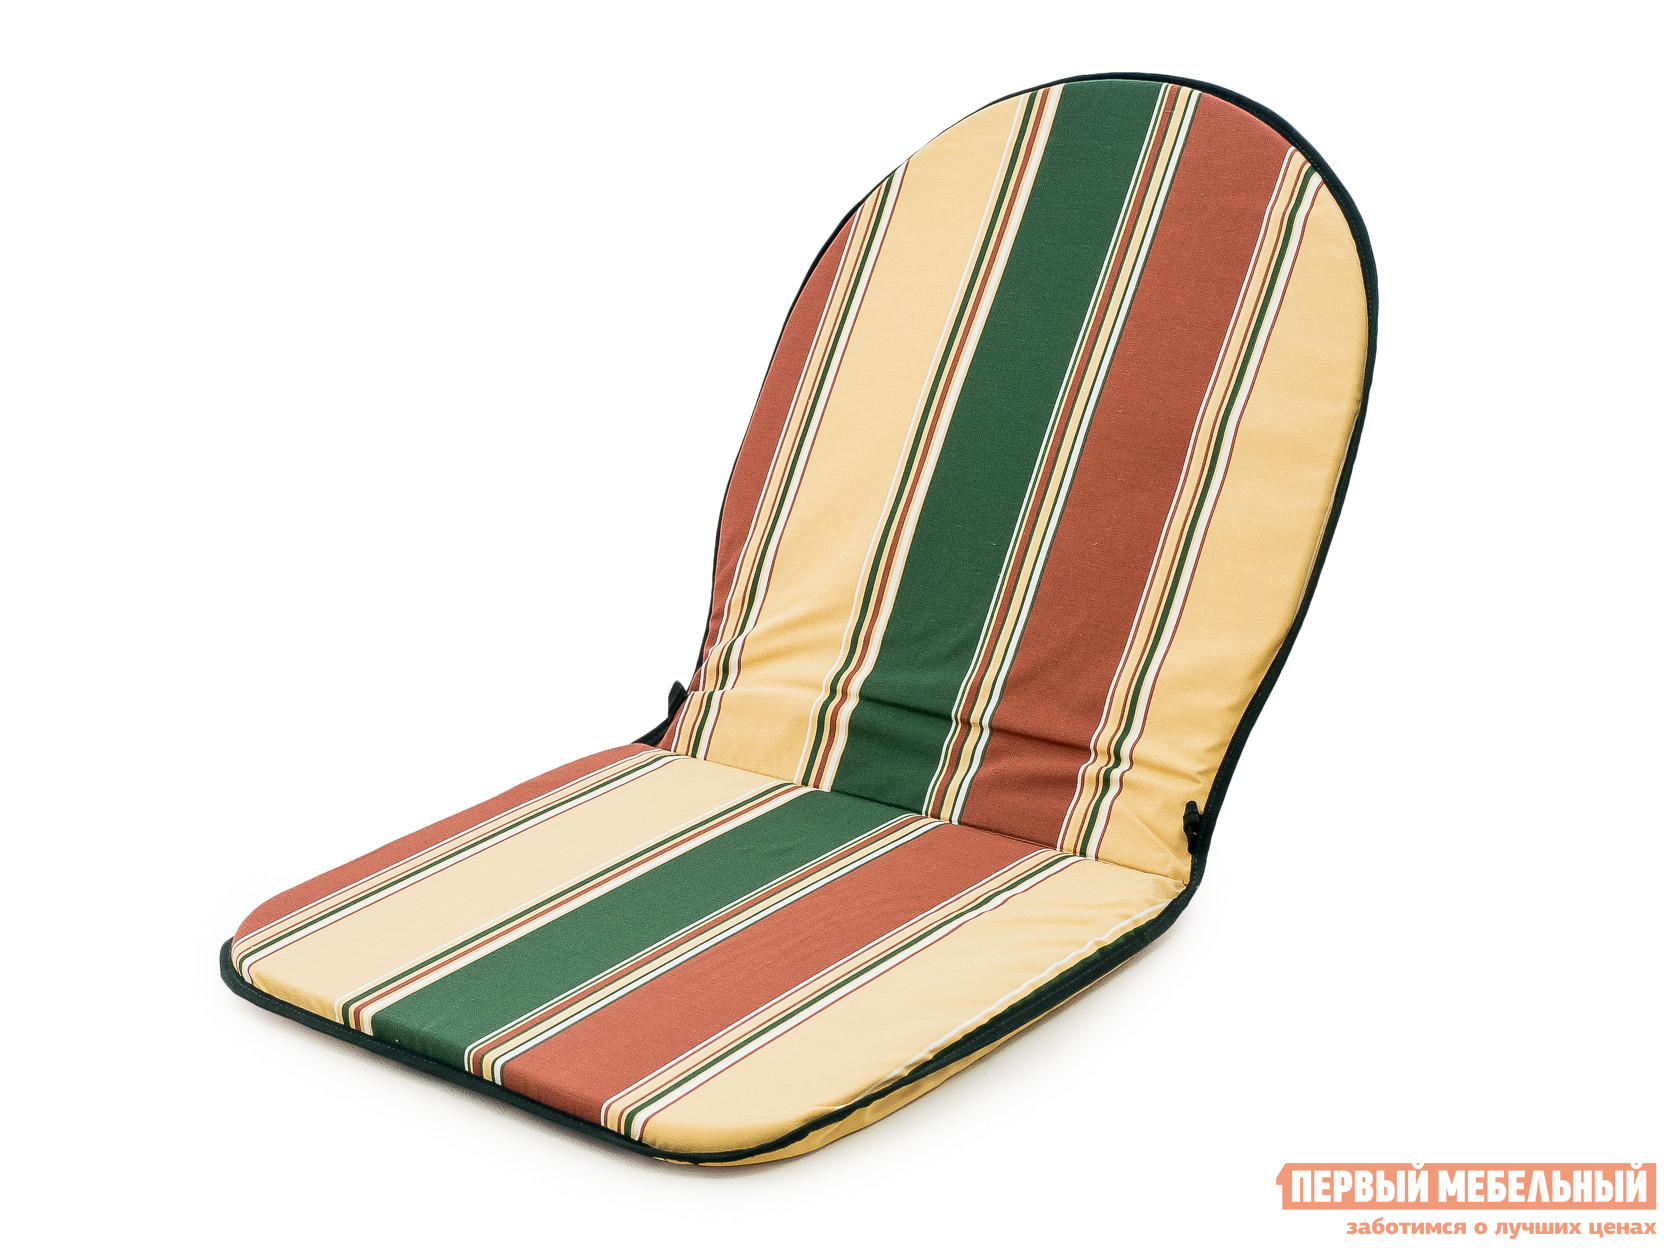 Матрас для кресла ЛетоЛюкс Бриз для кресла пластиковые кресла для дачи запорожья